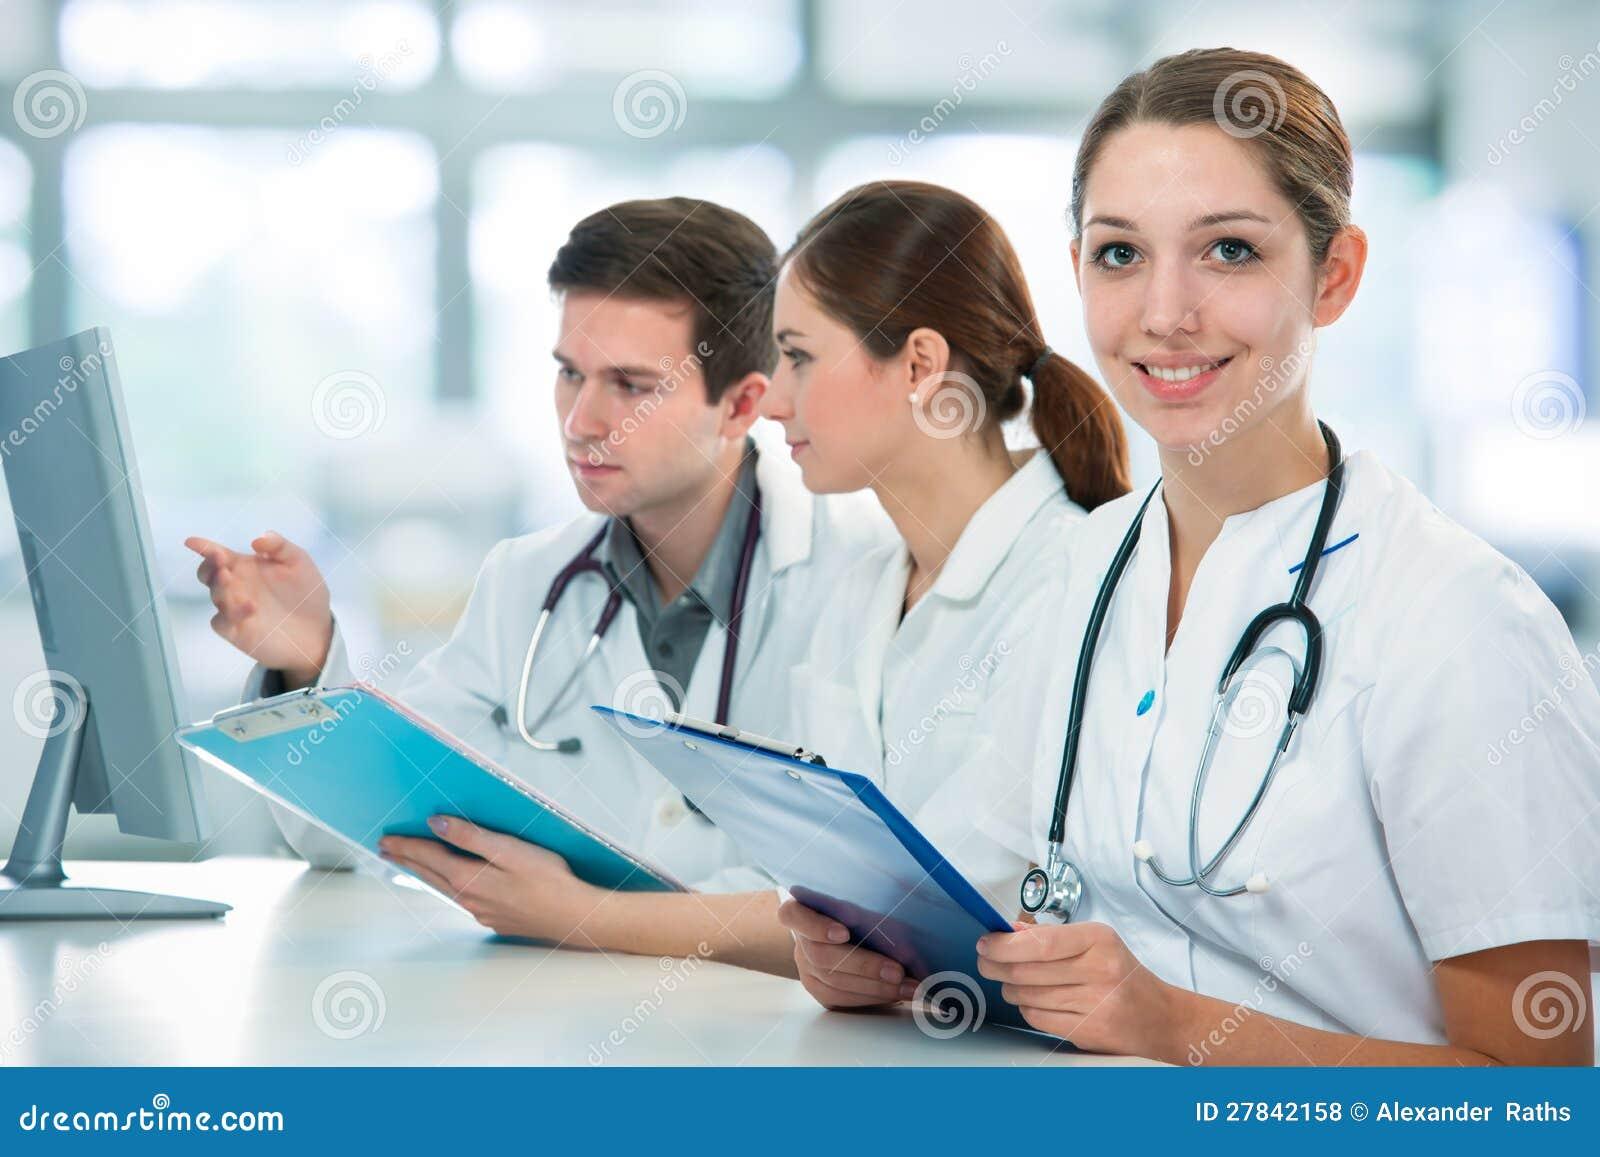 Номенклатура должностей медицинских работников и